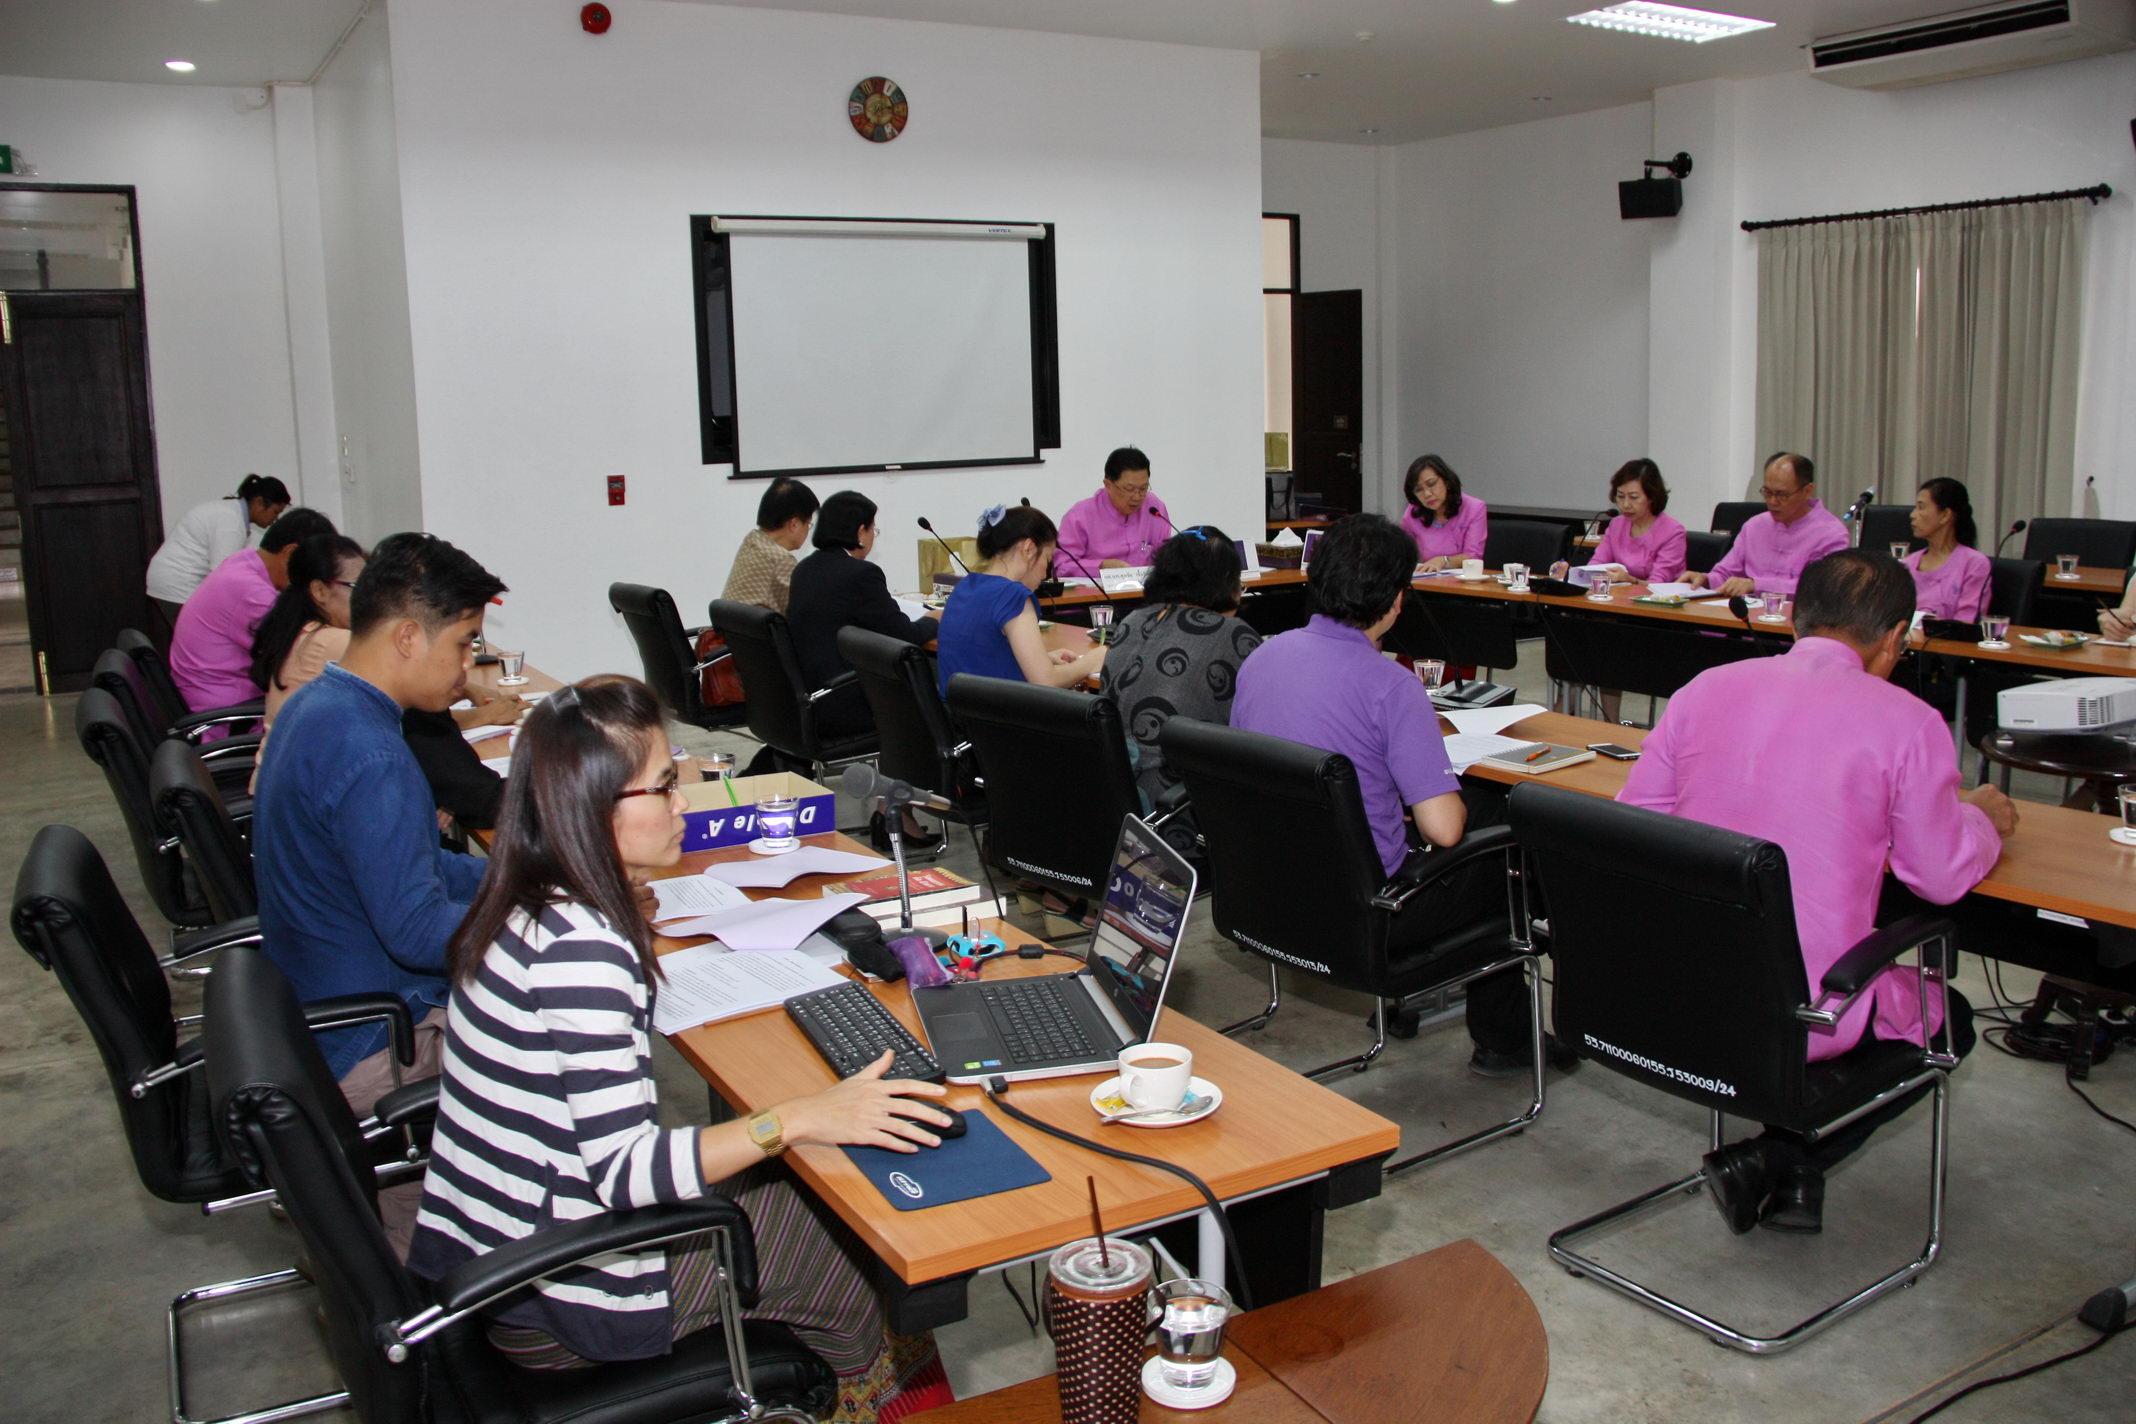 การประชุมคณะกรรมการอำนวยการโครงการล้านนาคดีศึกษา มหาวิทยาลัยเชียงใหม่ ครั้งที่ 1/2559